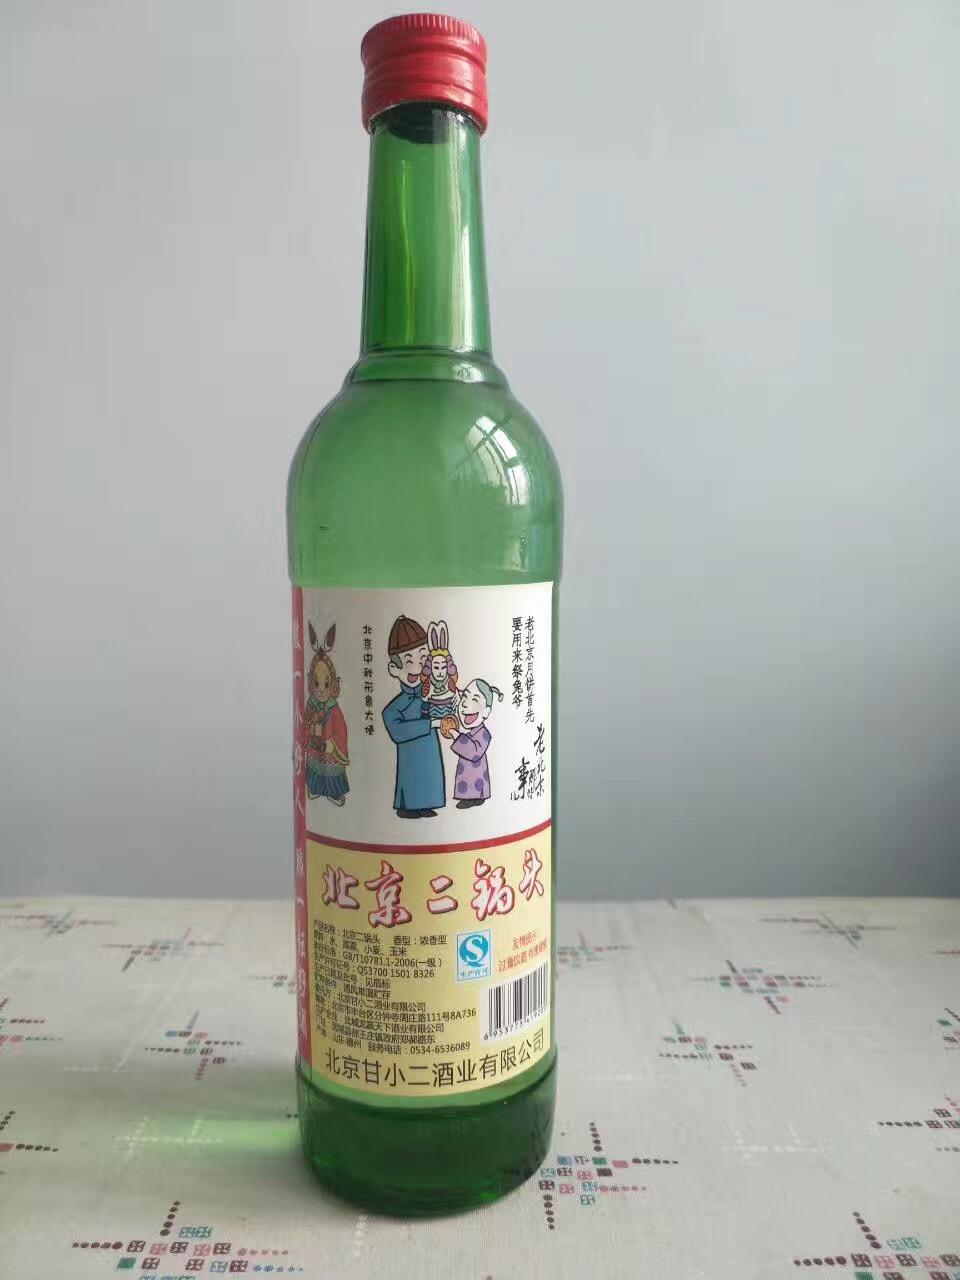 甘小二酒业新品北京二锅头新品上市